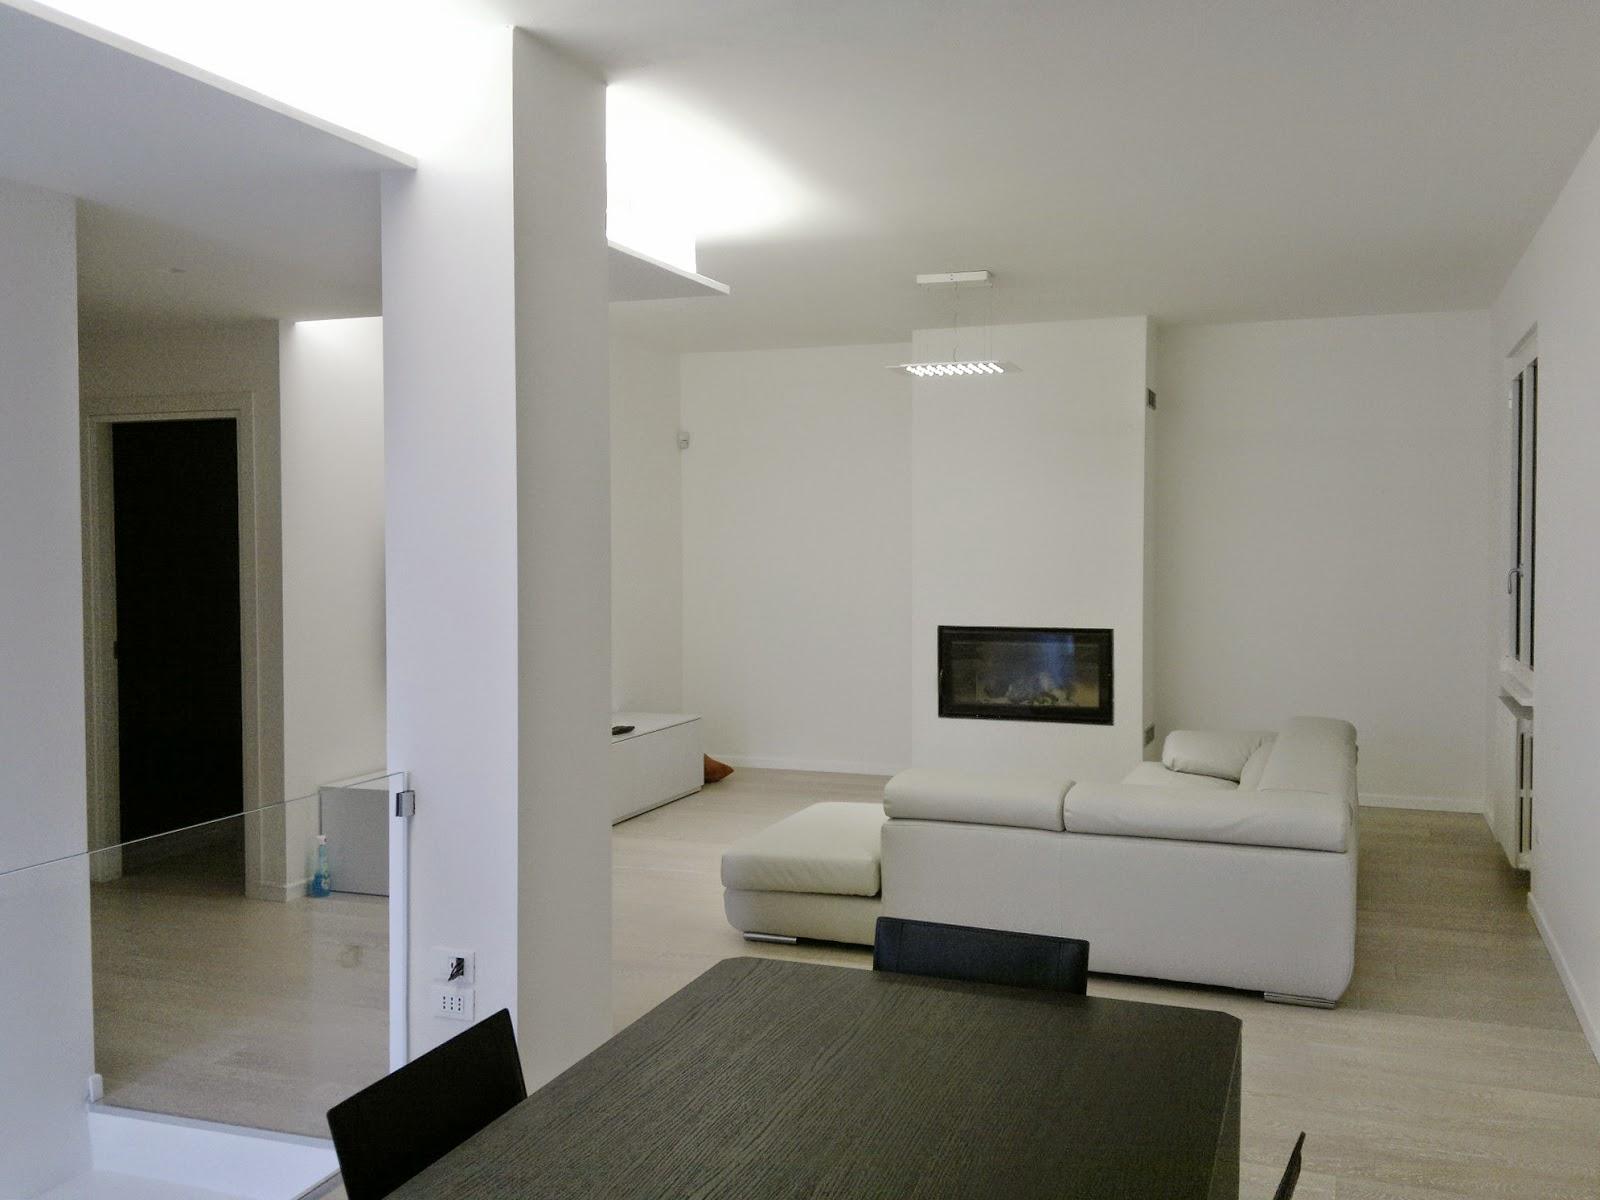 Illuminazione led casa torino ristrutturando un for Casa living